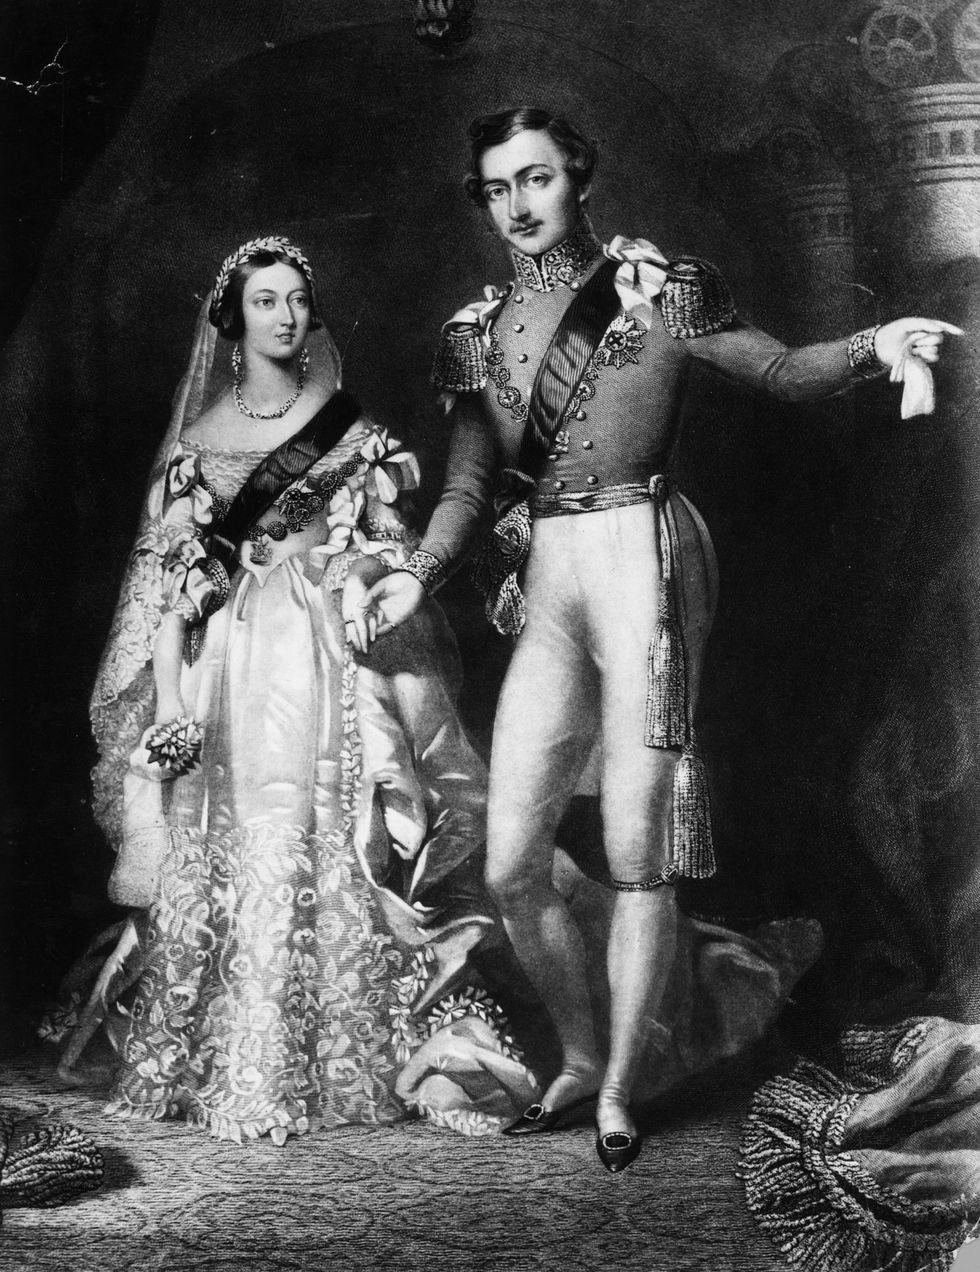 Булката трябва да е в бяло! Добре позната традиция, стартирала от кралица Виктория през далечната 1840 година.